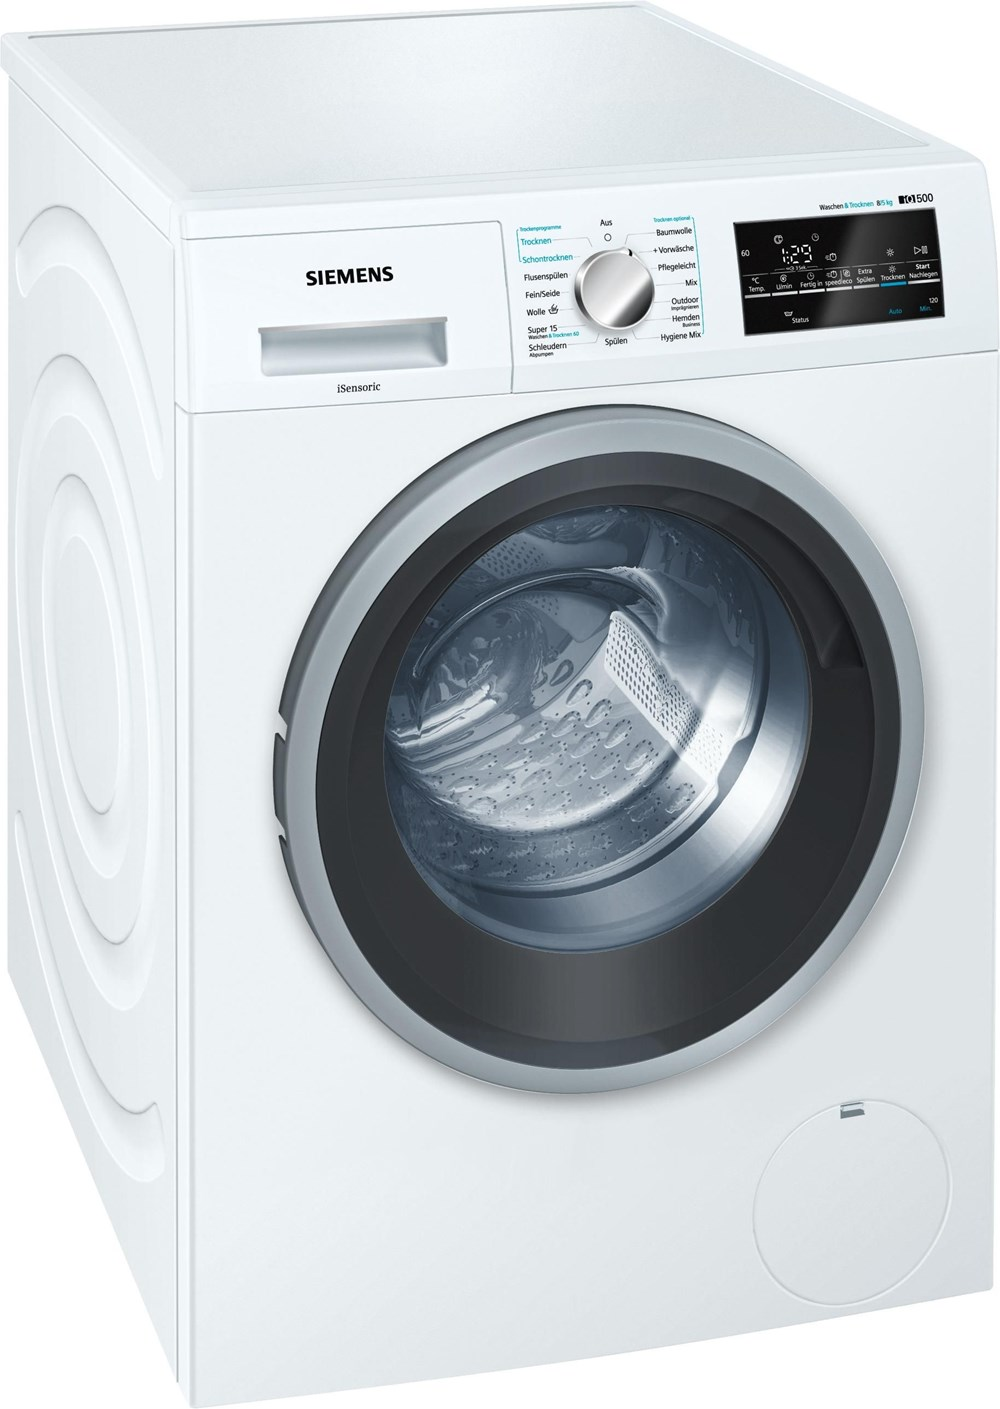 Siemens WD15G442 Waschtrockner (EEK: A) - Preisvergleich